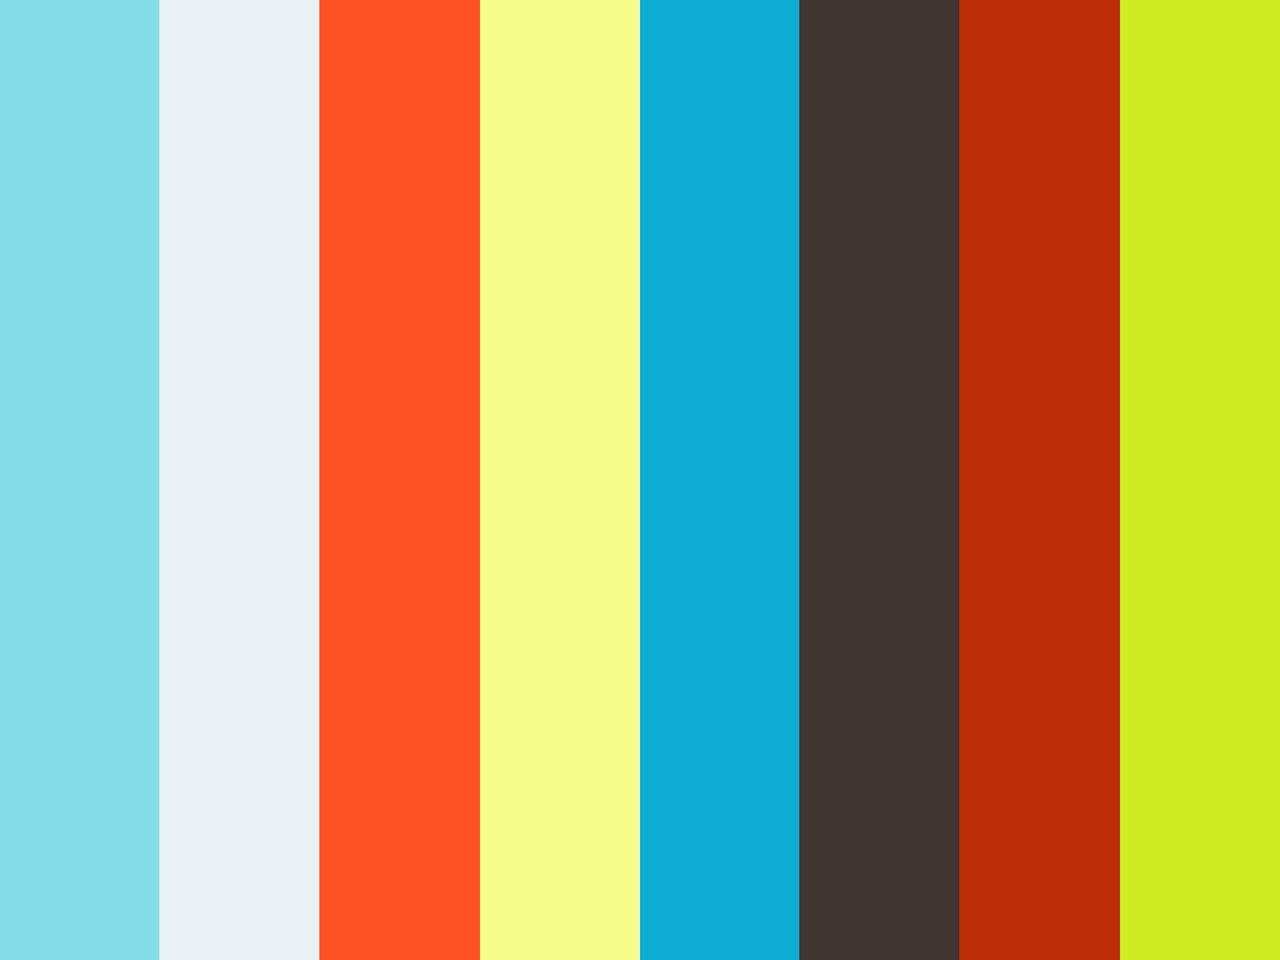 061 Color War Skit